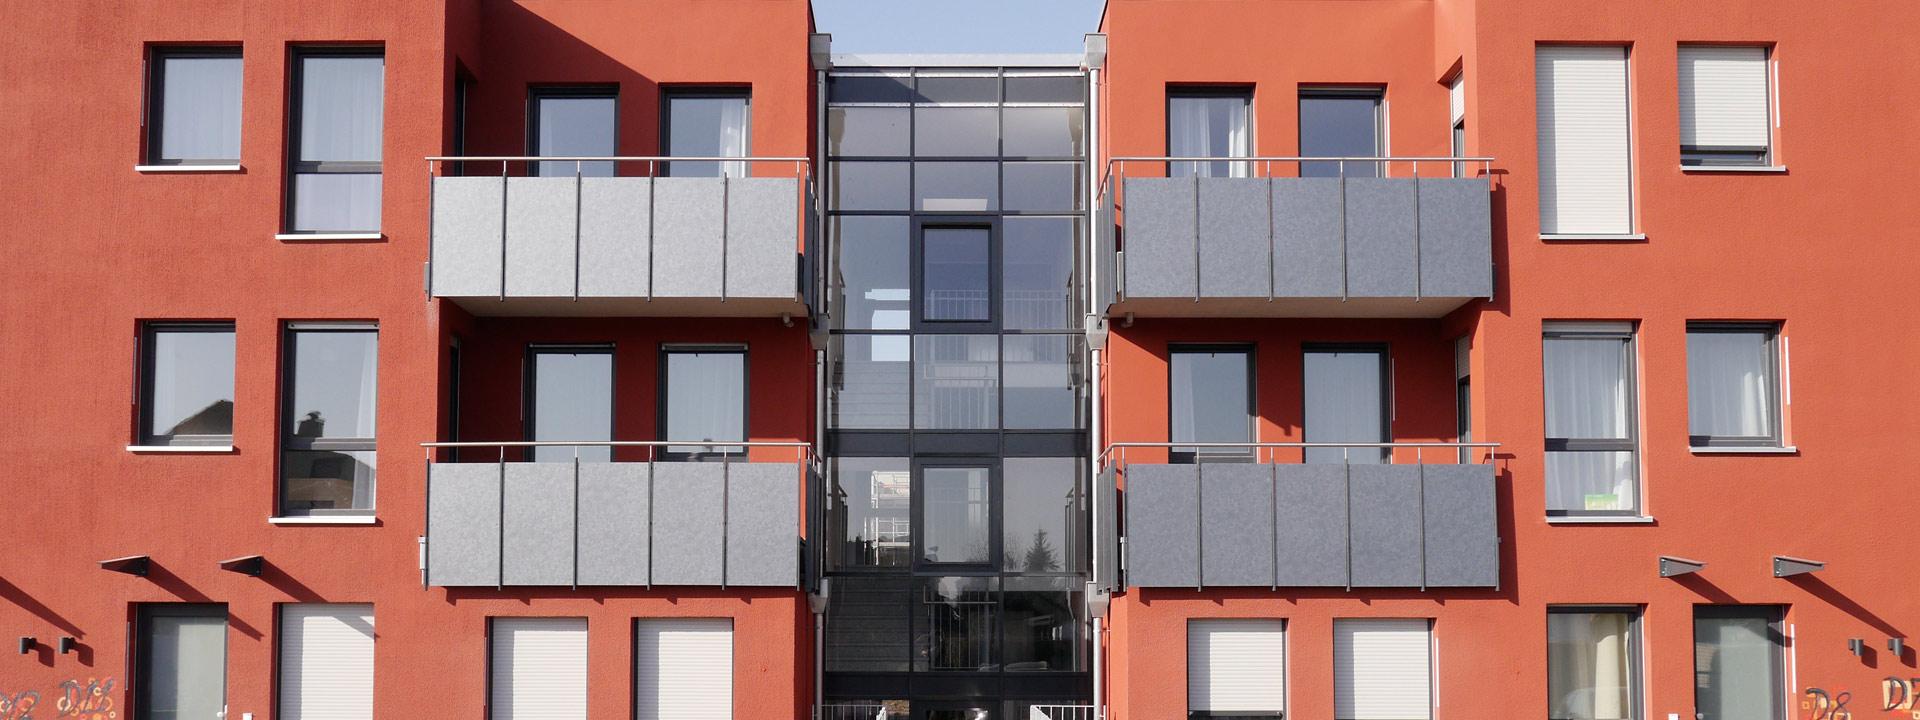 Full Size of Drutex Erfahrungen Forum Drutefenster Justieren Polen Erfahrungsberichte Aus Fenster Test Wohnzimmer Drutex Erfahrungen Forum